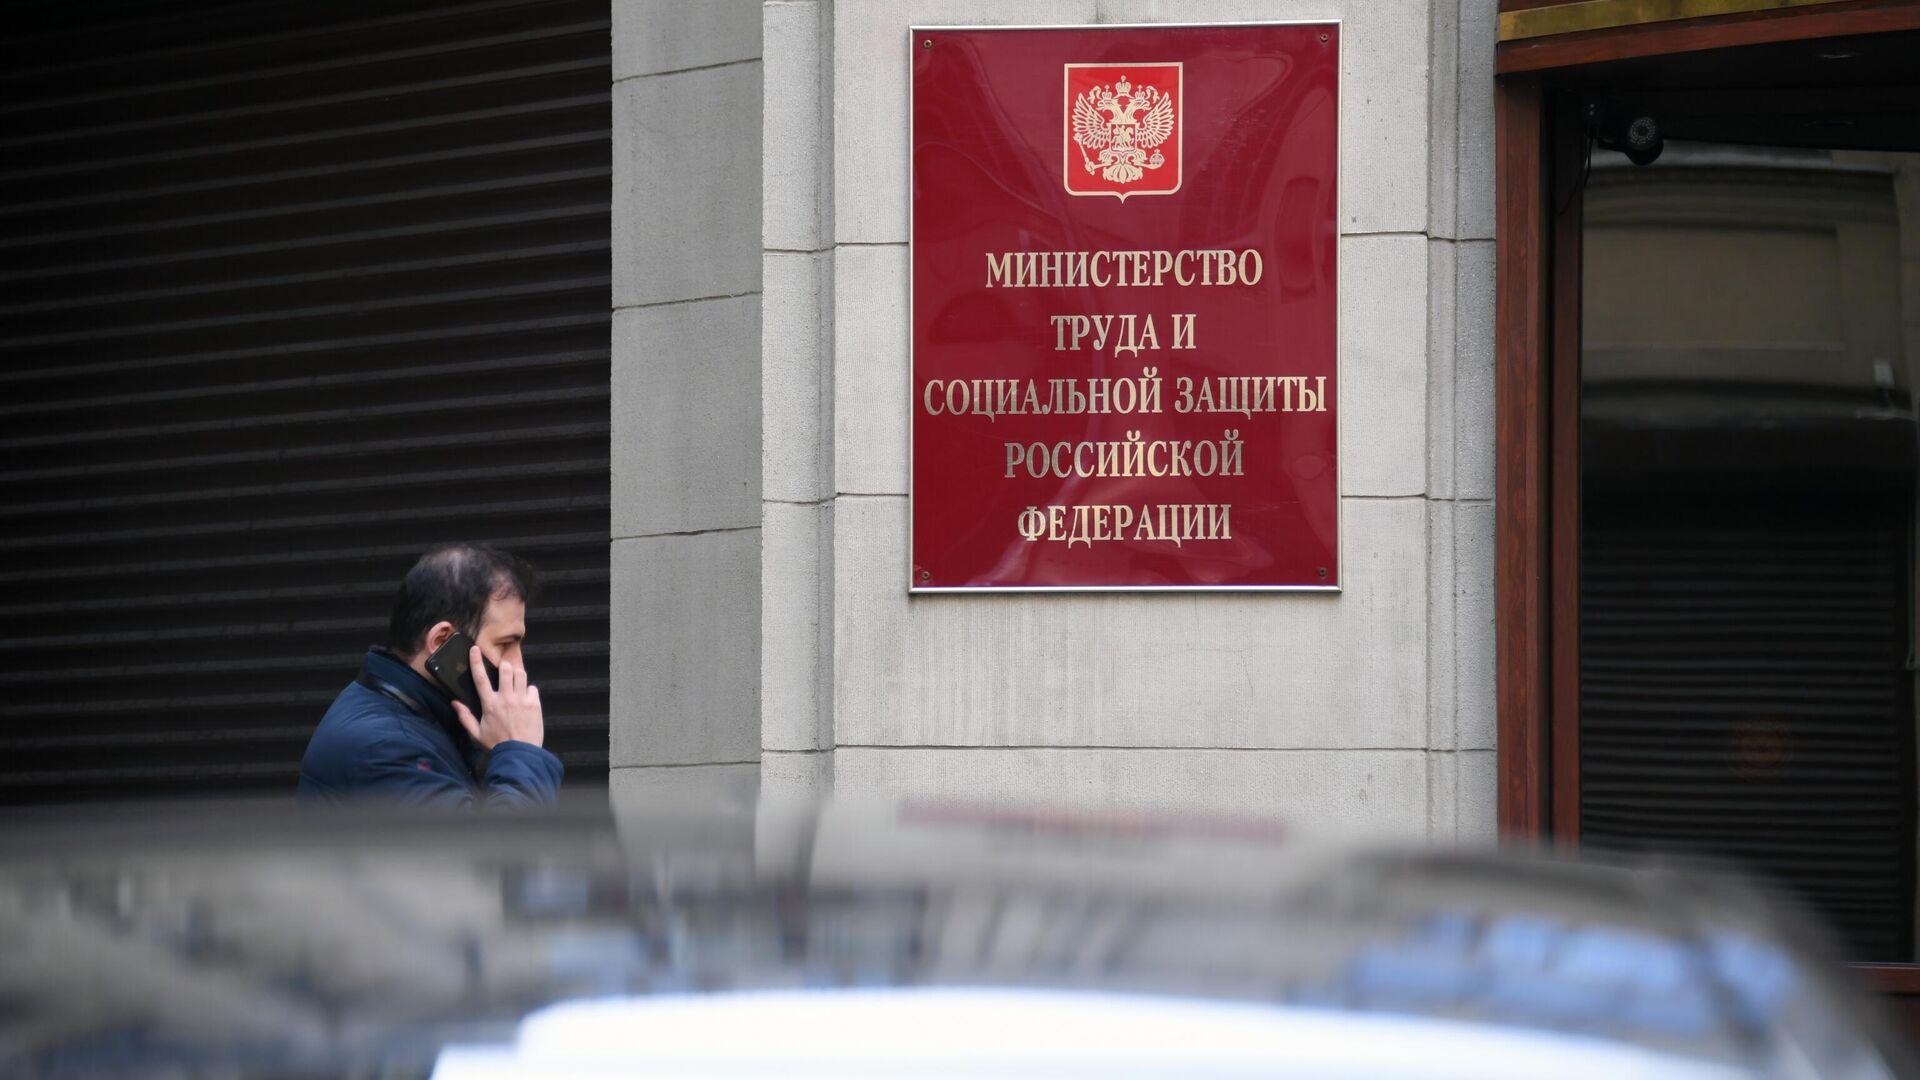 Здание Министерства труда и социальной защиты Российской Федерации в Москве - РИА Новости, 1920, 23.09.2021